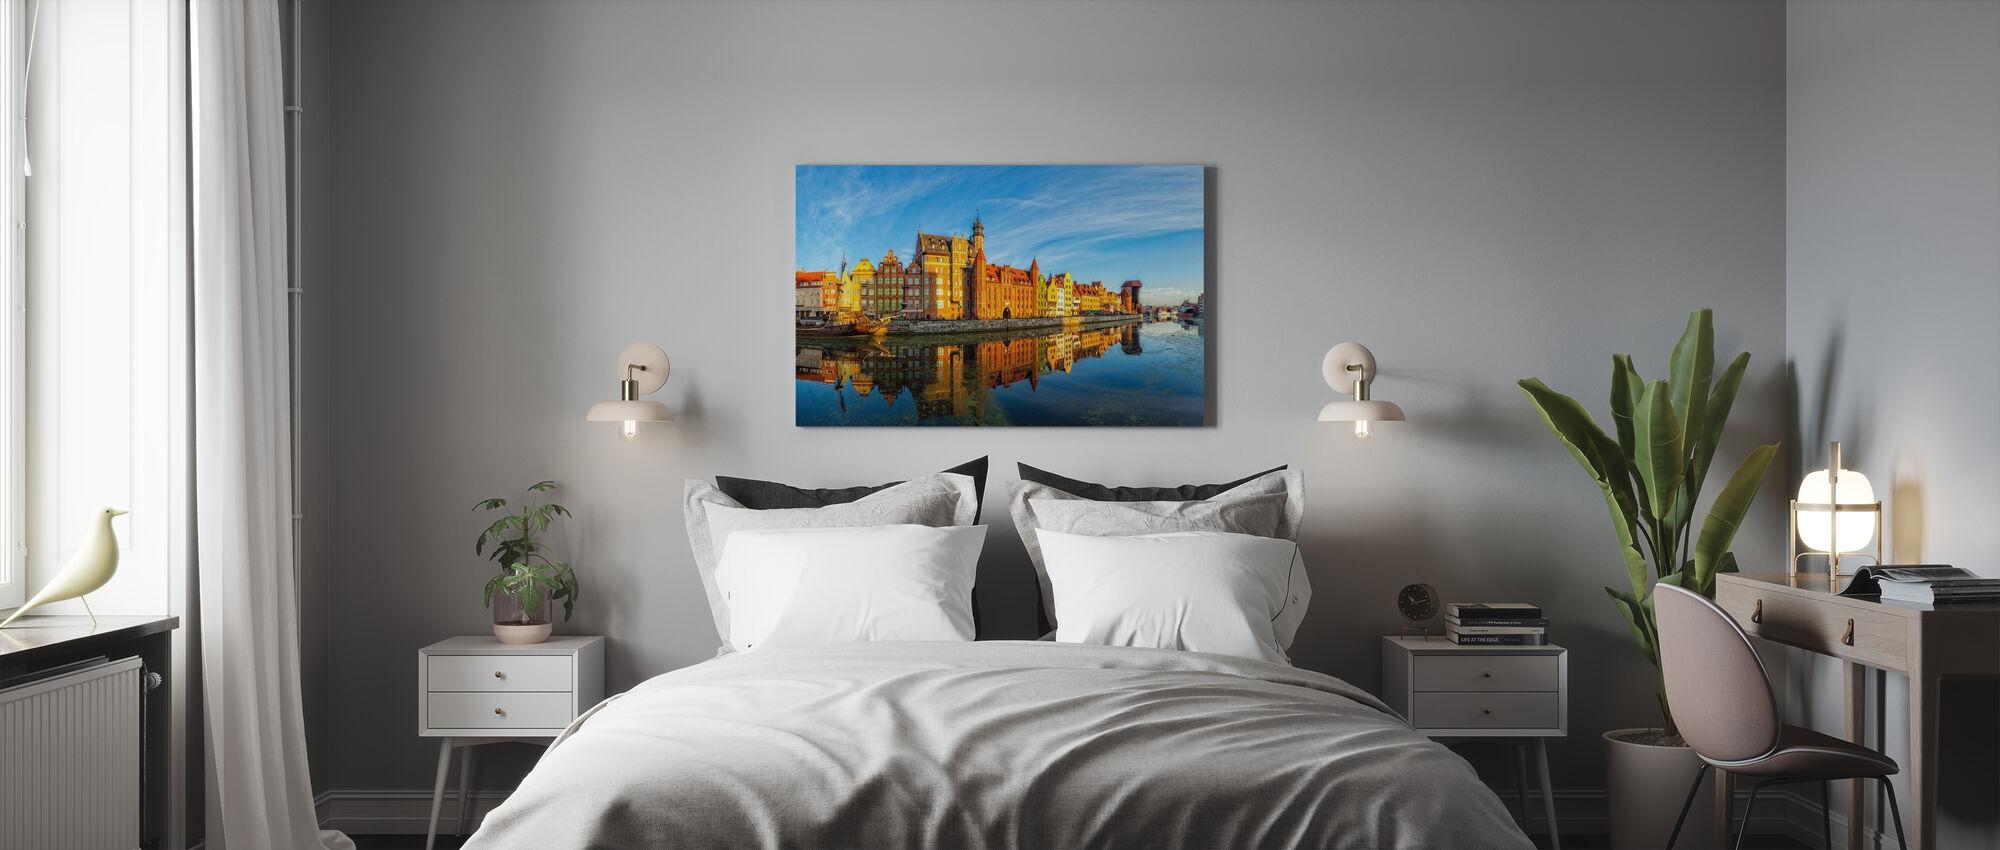 Riverside of Gdansk - Canvas print - Bedroom